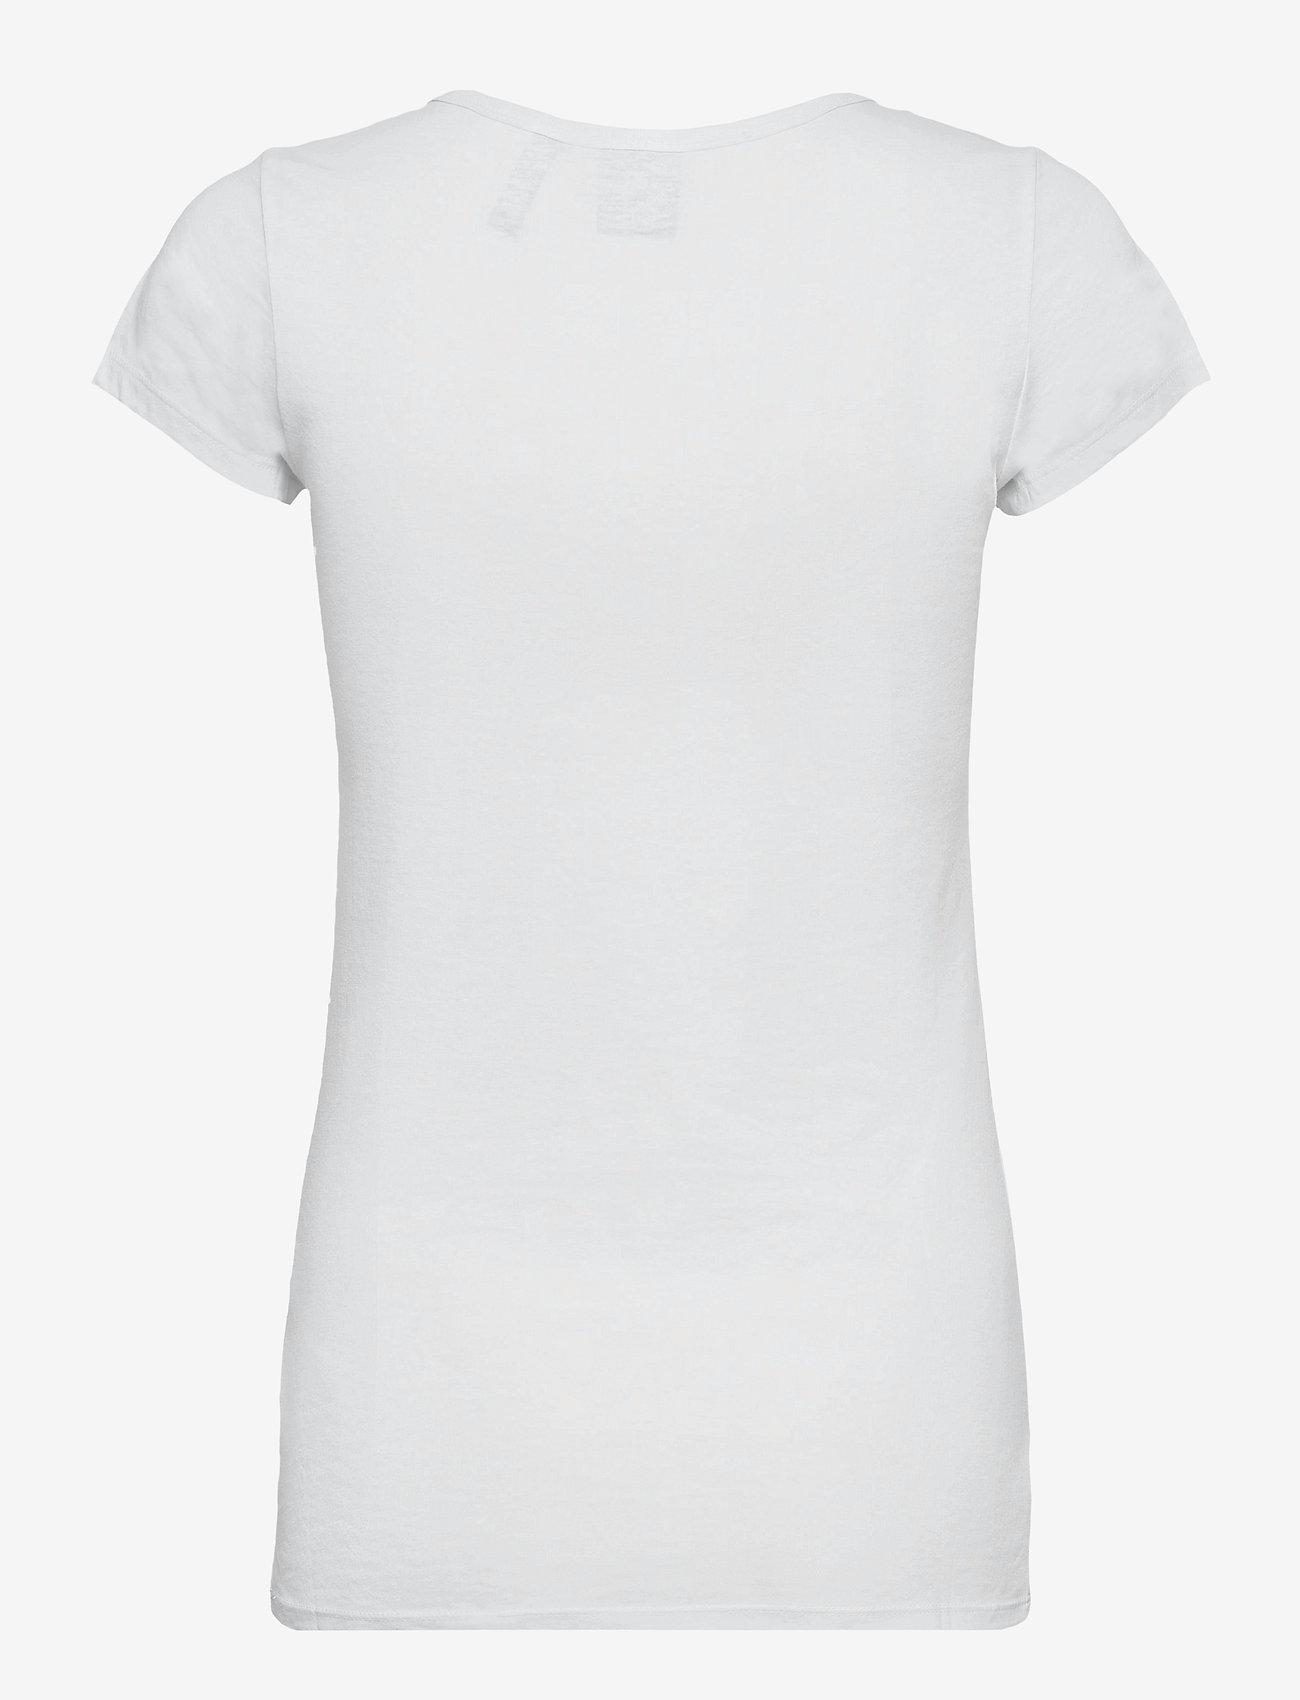 G-star RAW - Eyben slim v t wmn s\s - t-shirts - white - 1